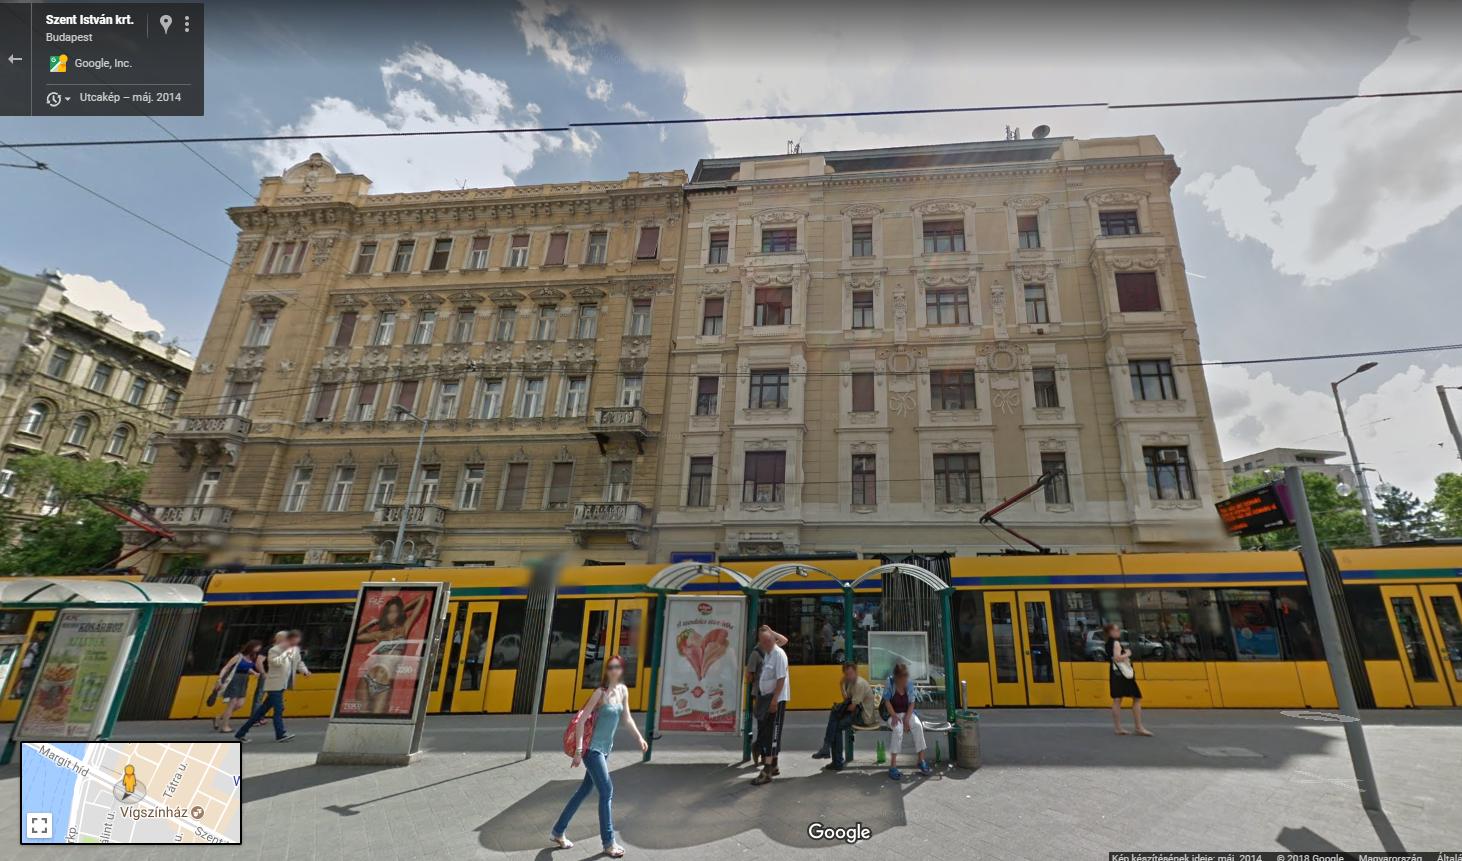 Byt v Budapešti, Maďarsko